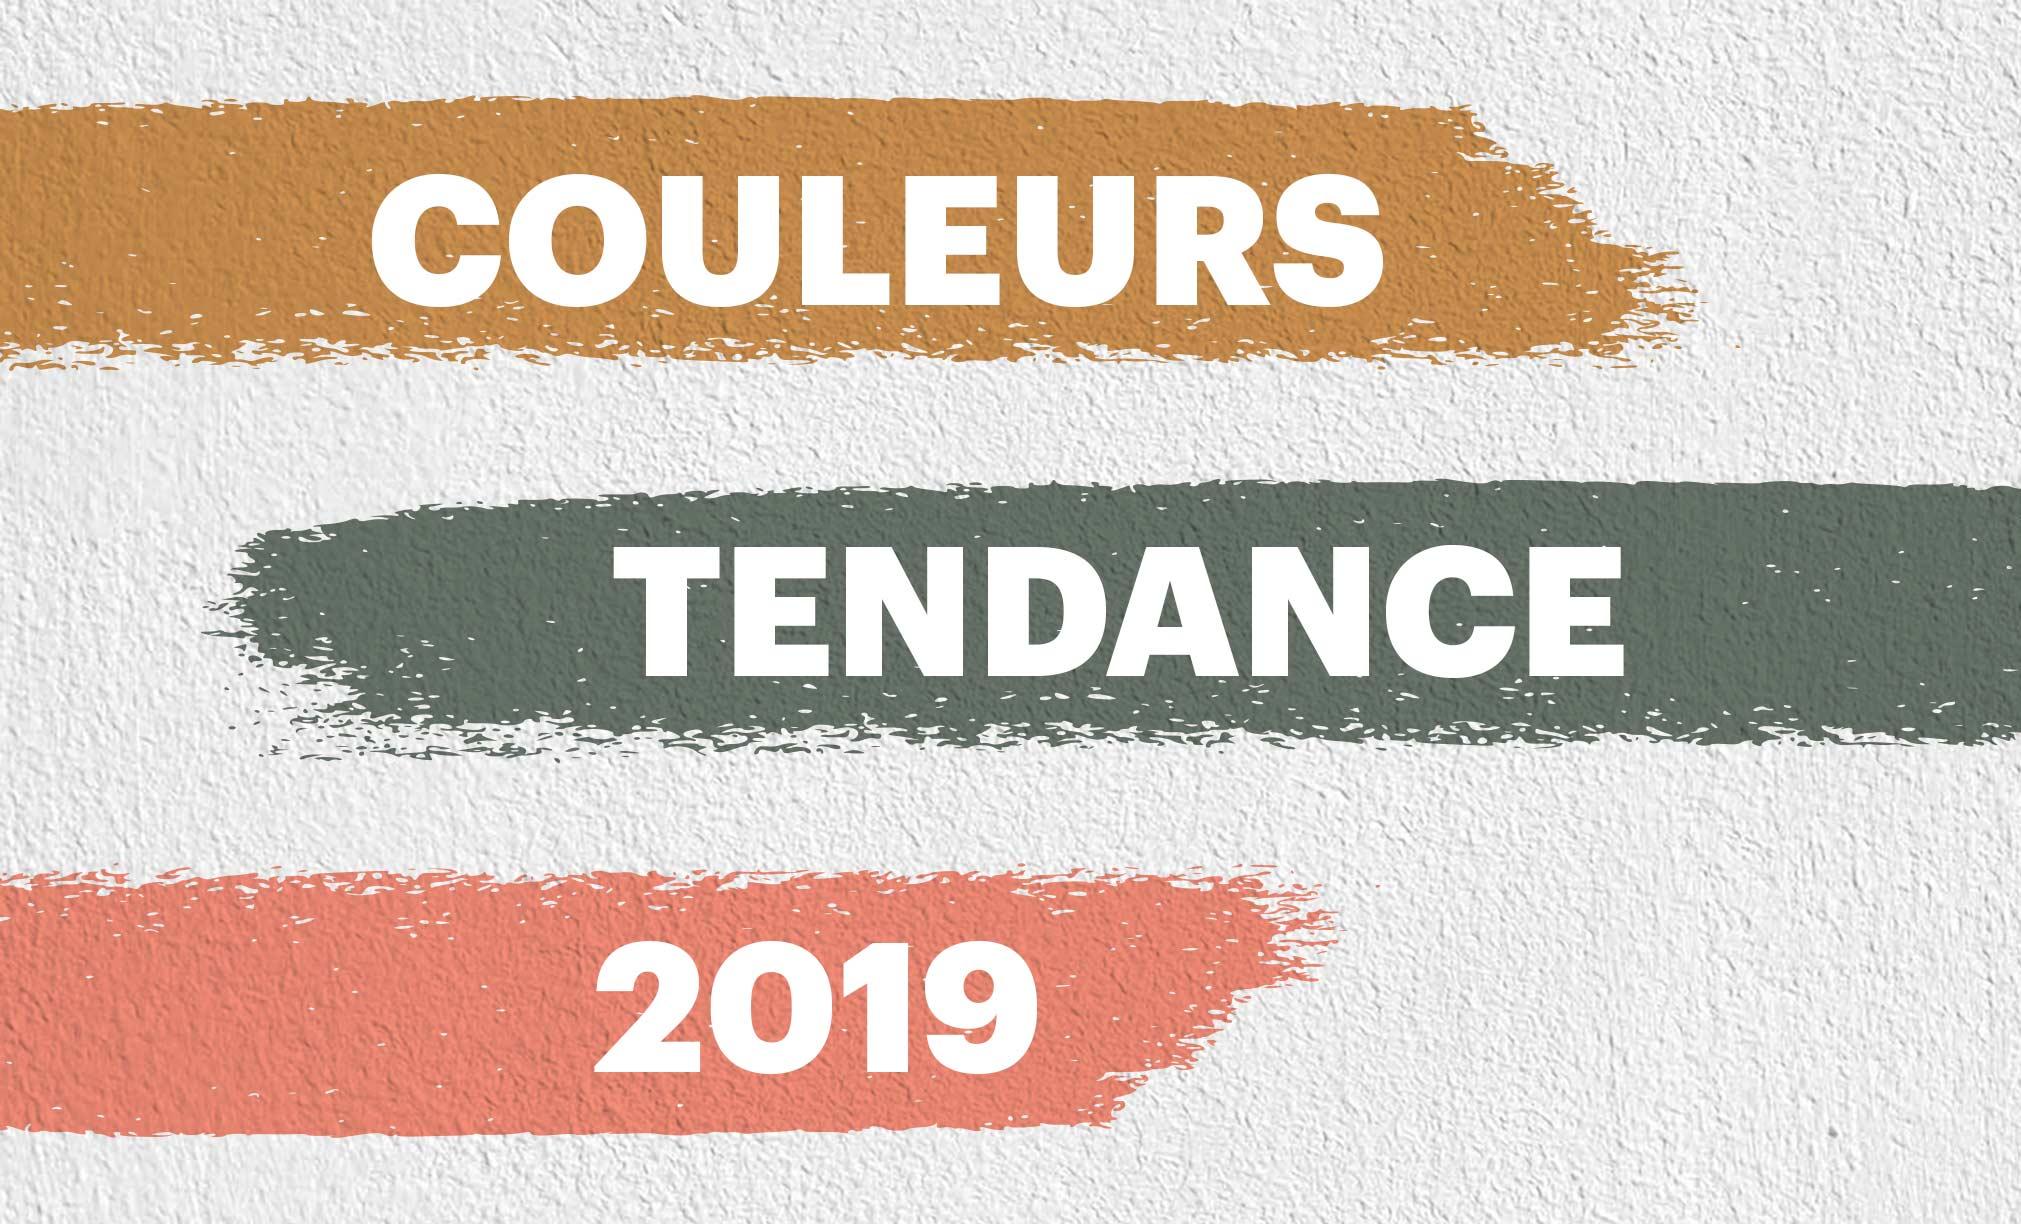 Tendance Couleur Deco 2019 couleurs tendance 2019 - développements montarville